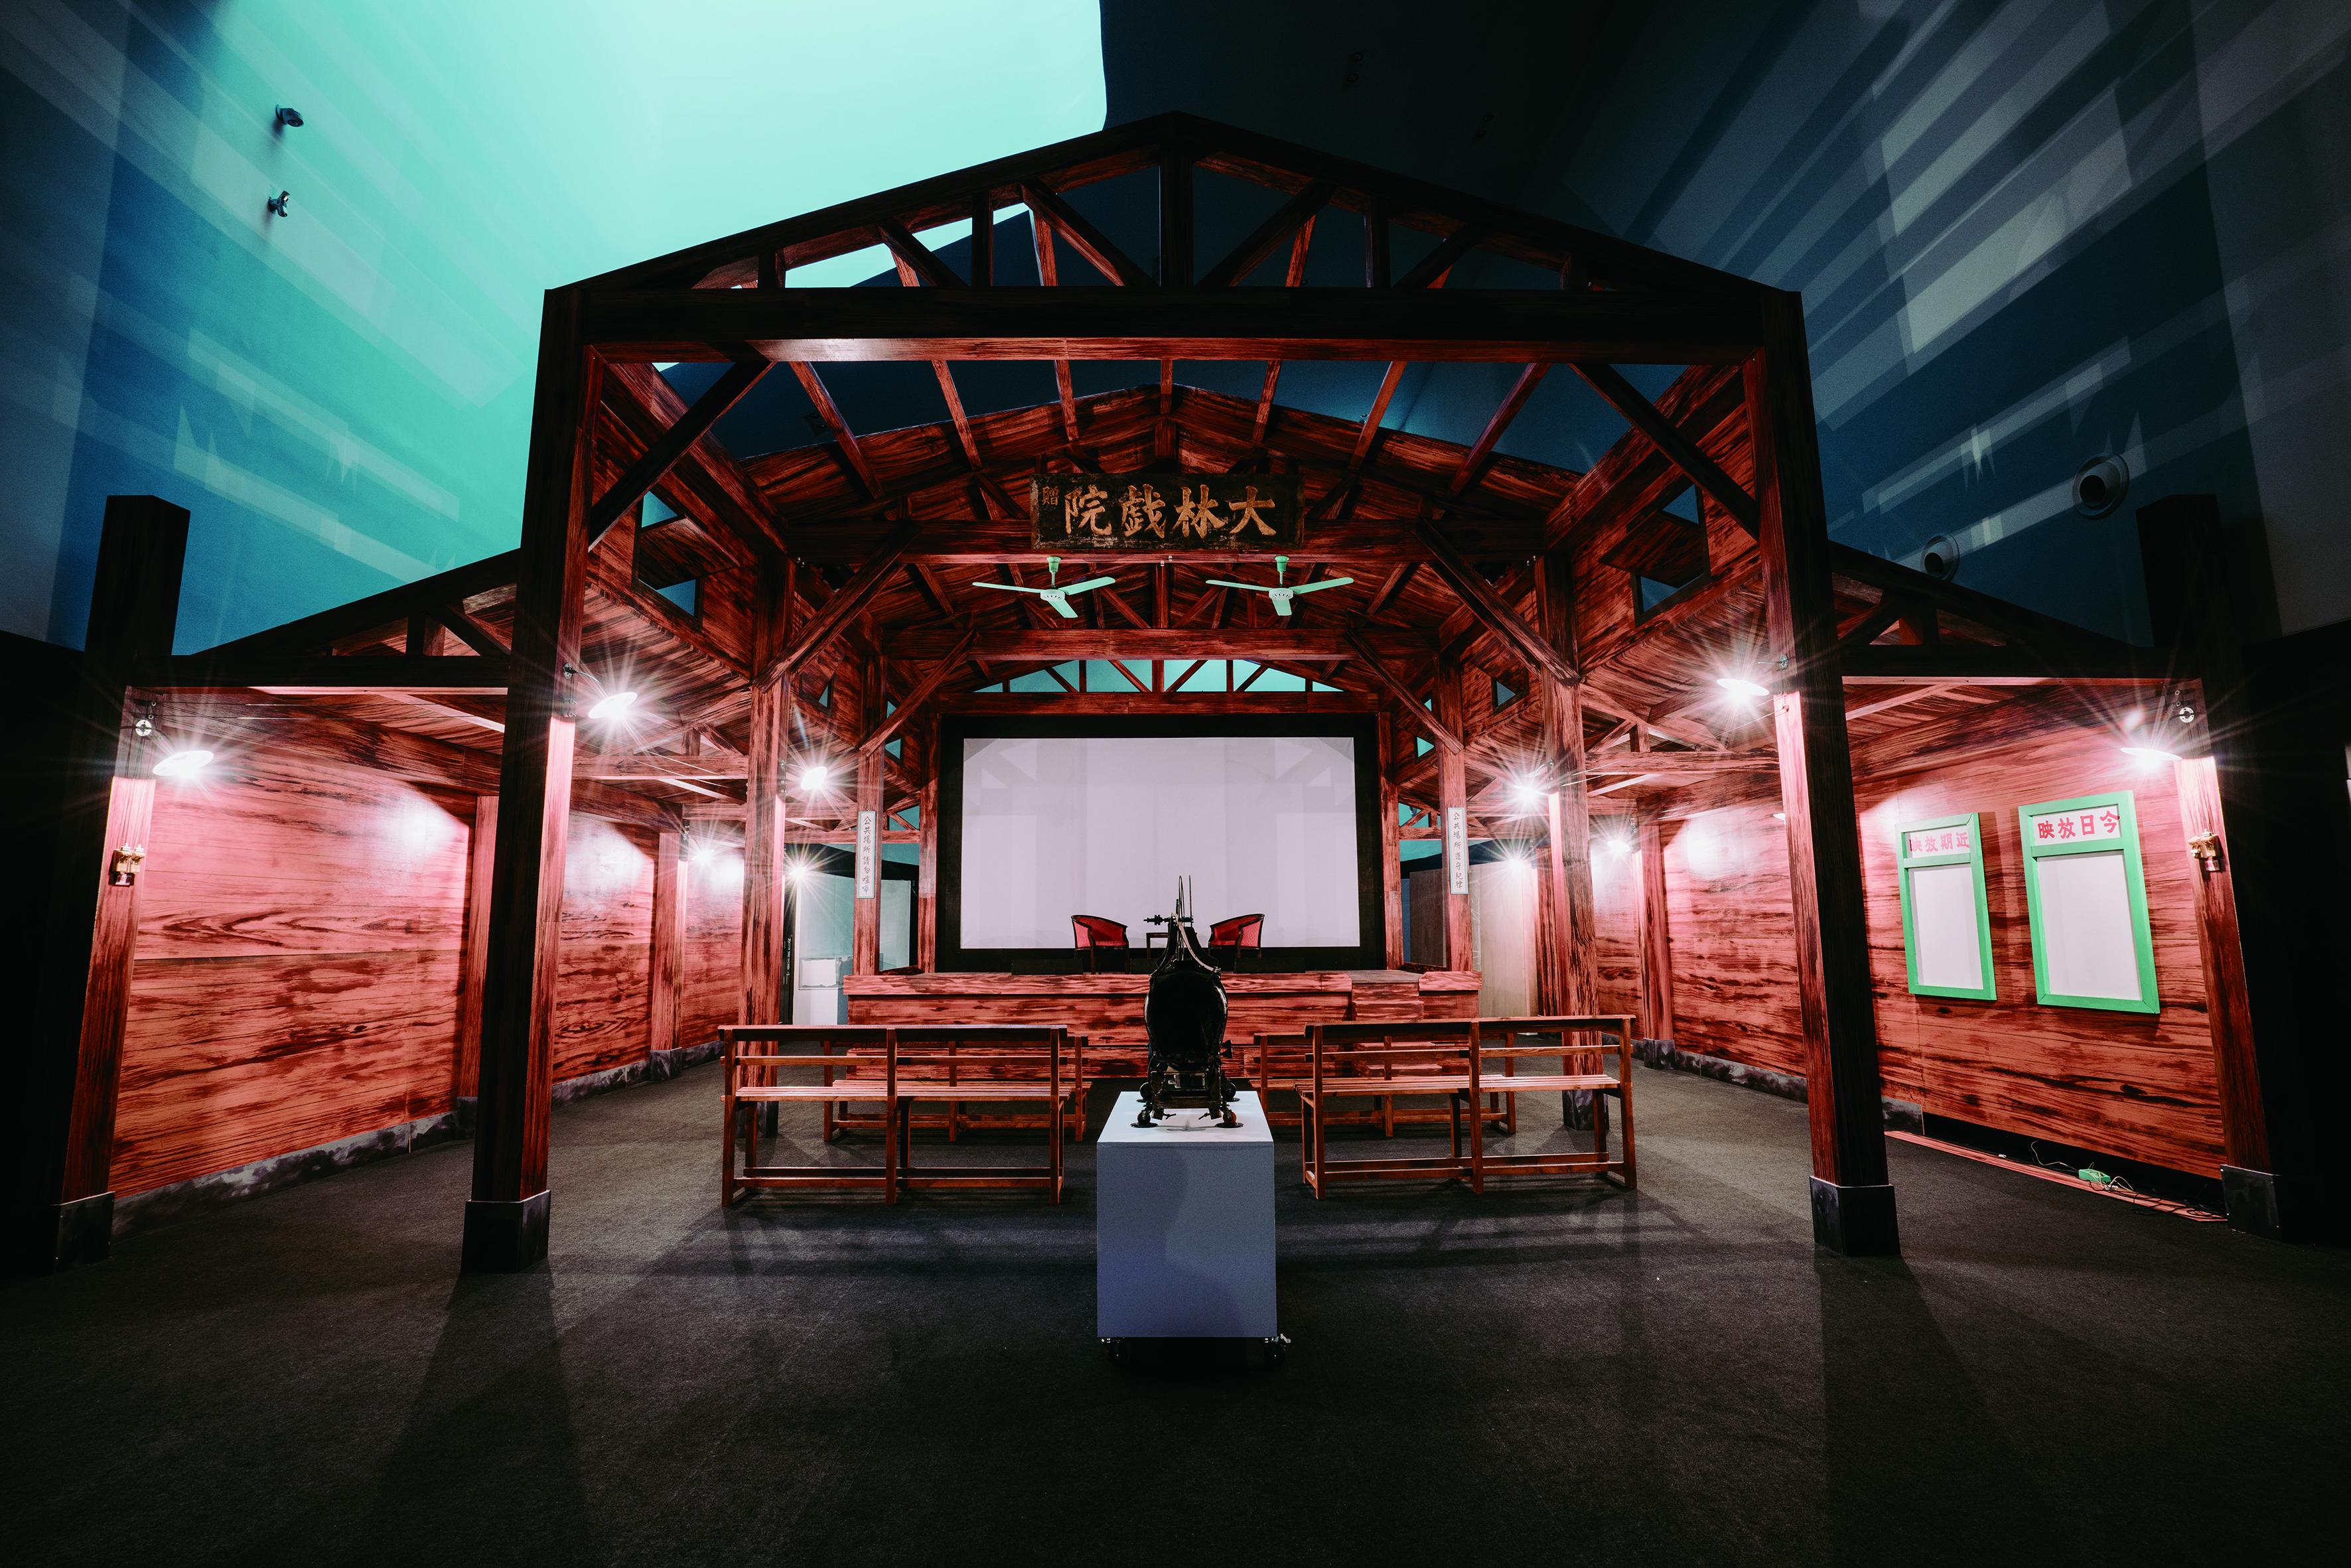 3 「歌仔戲時光機- 搬活戲」特展將老戲臺、後臺場景、戲服、道具與老唱片和電影等原汁原味歌仔戲文物移植到展館內。( 衛武營國家藝術文化中心提供).jpg